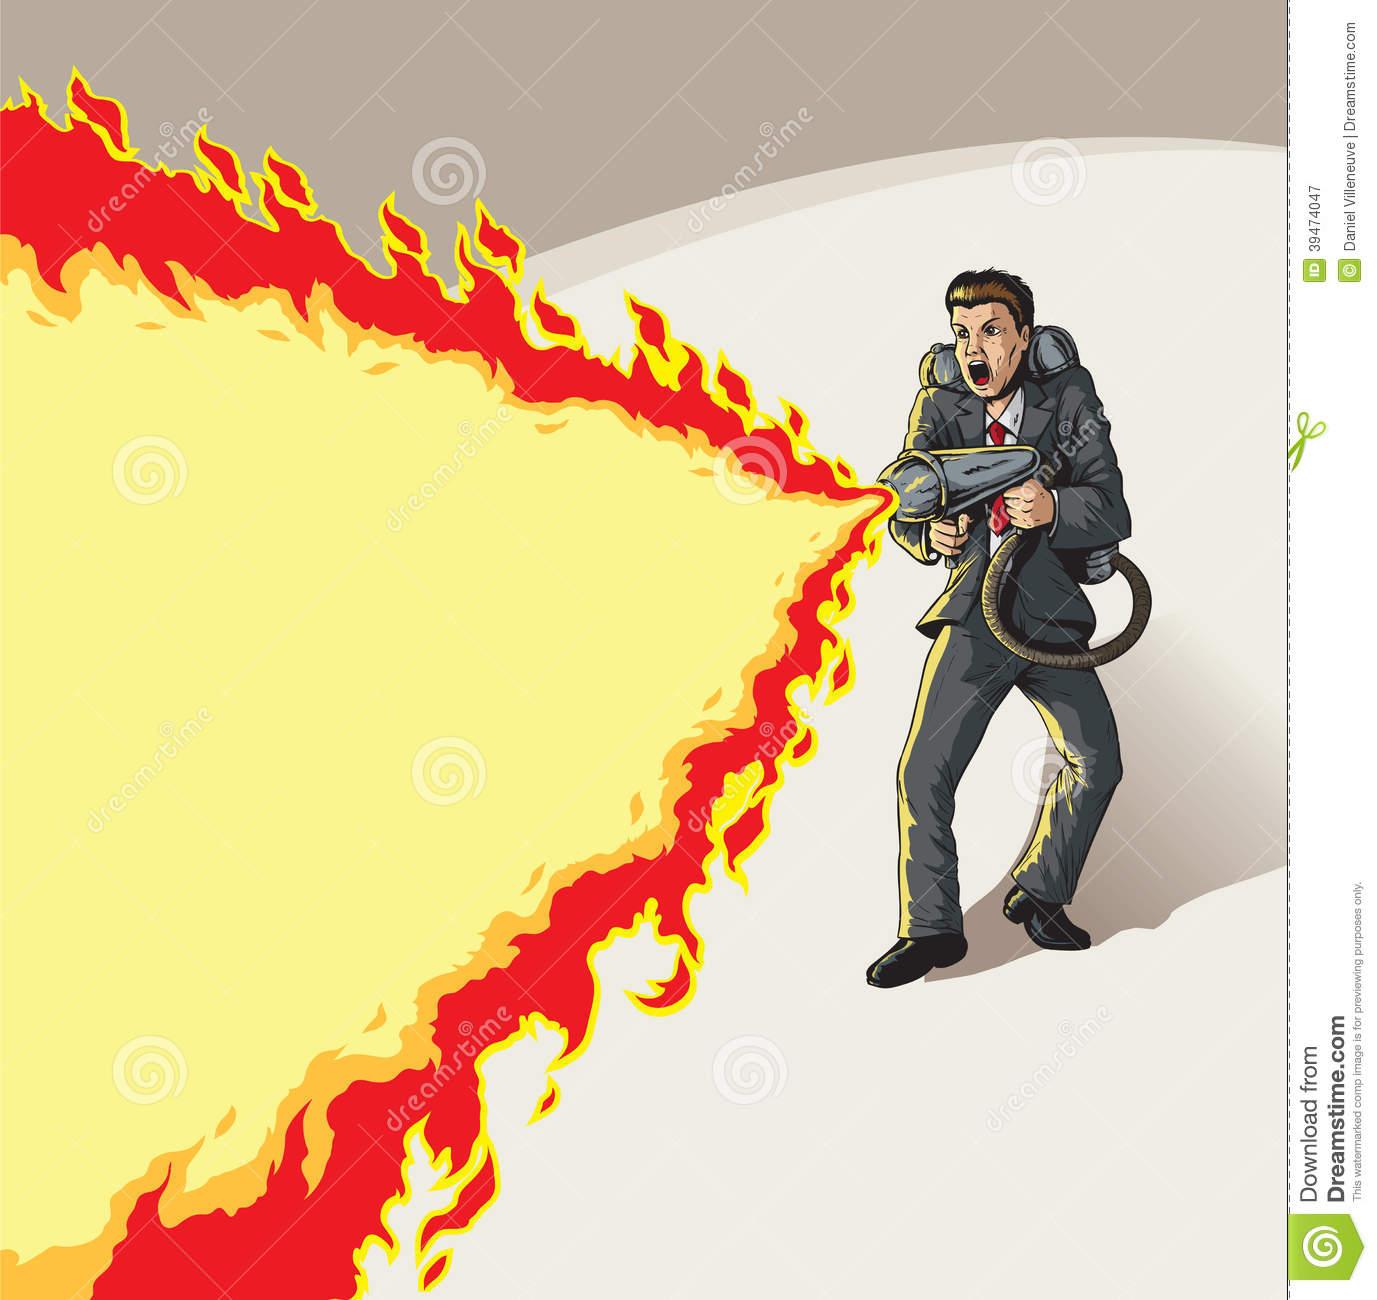 Cartoon Flamethrower. Stock Vector.